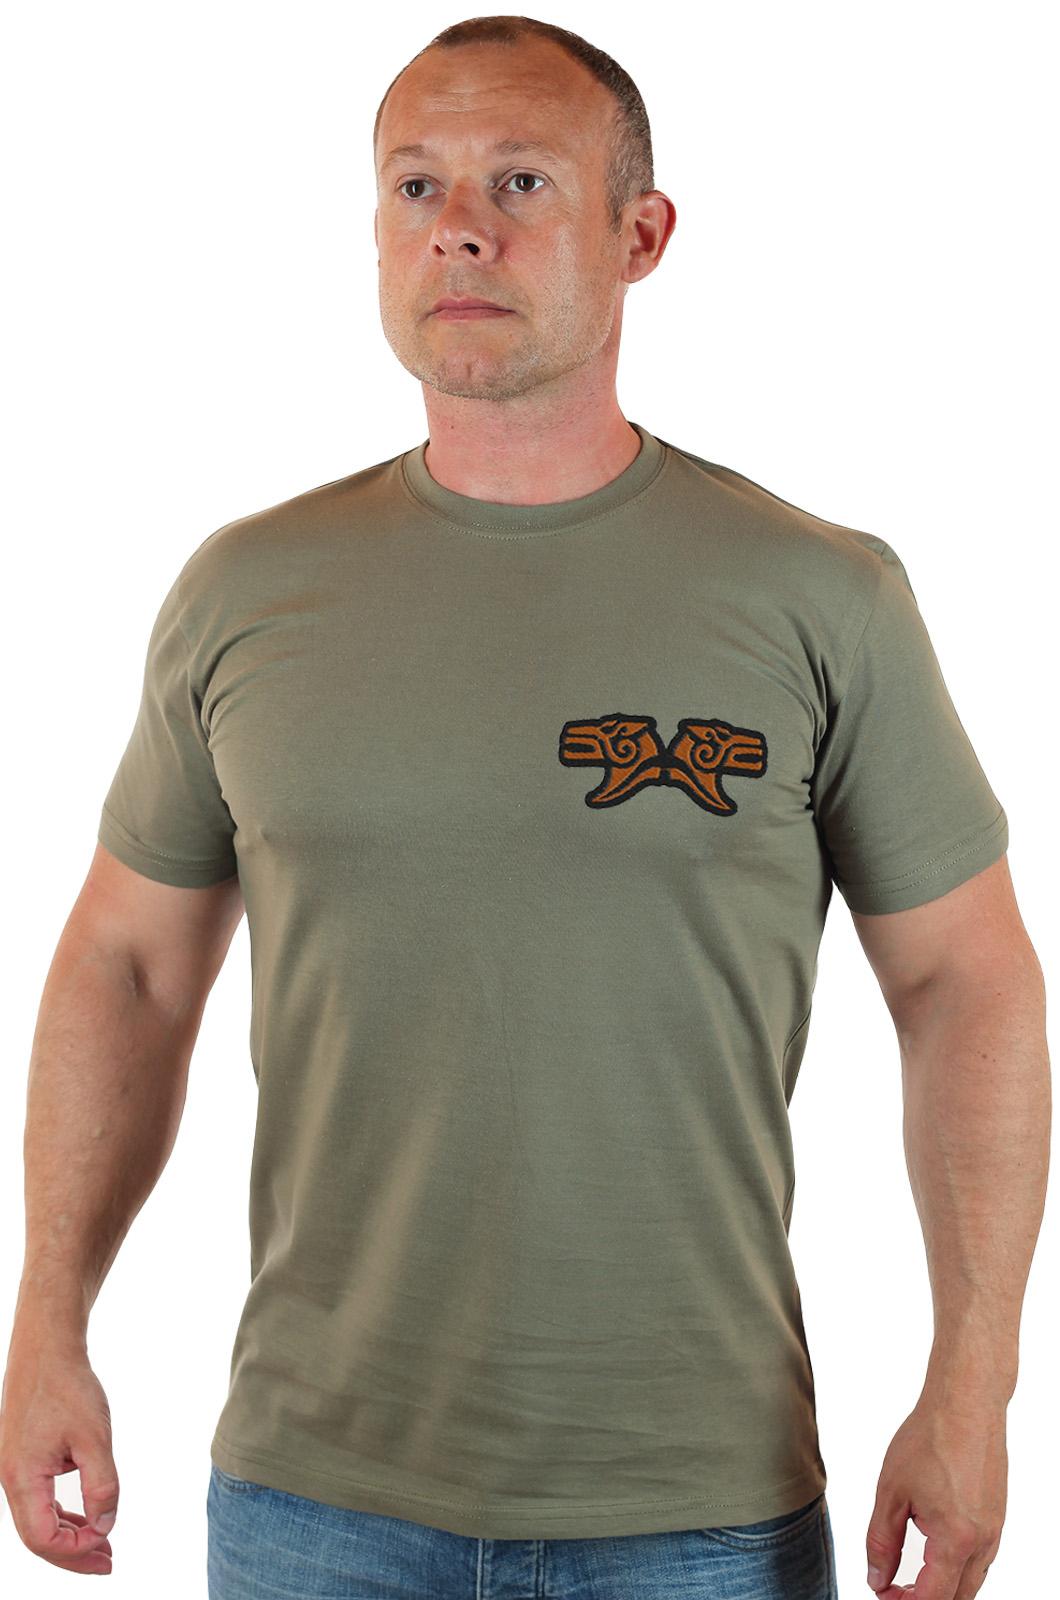 Купить в военторге Военпро мужскую футболку с вышивкой «Брат за брата»